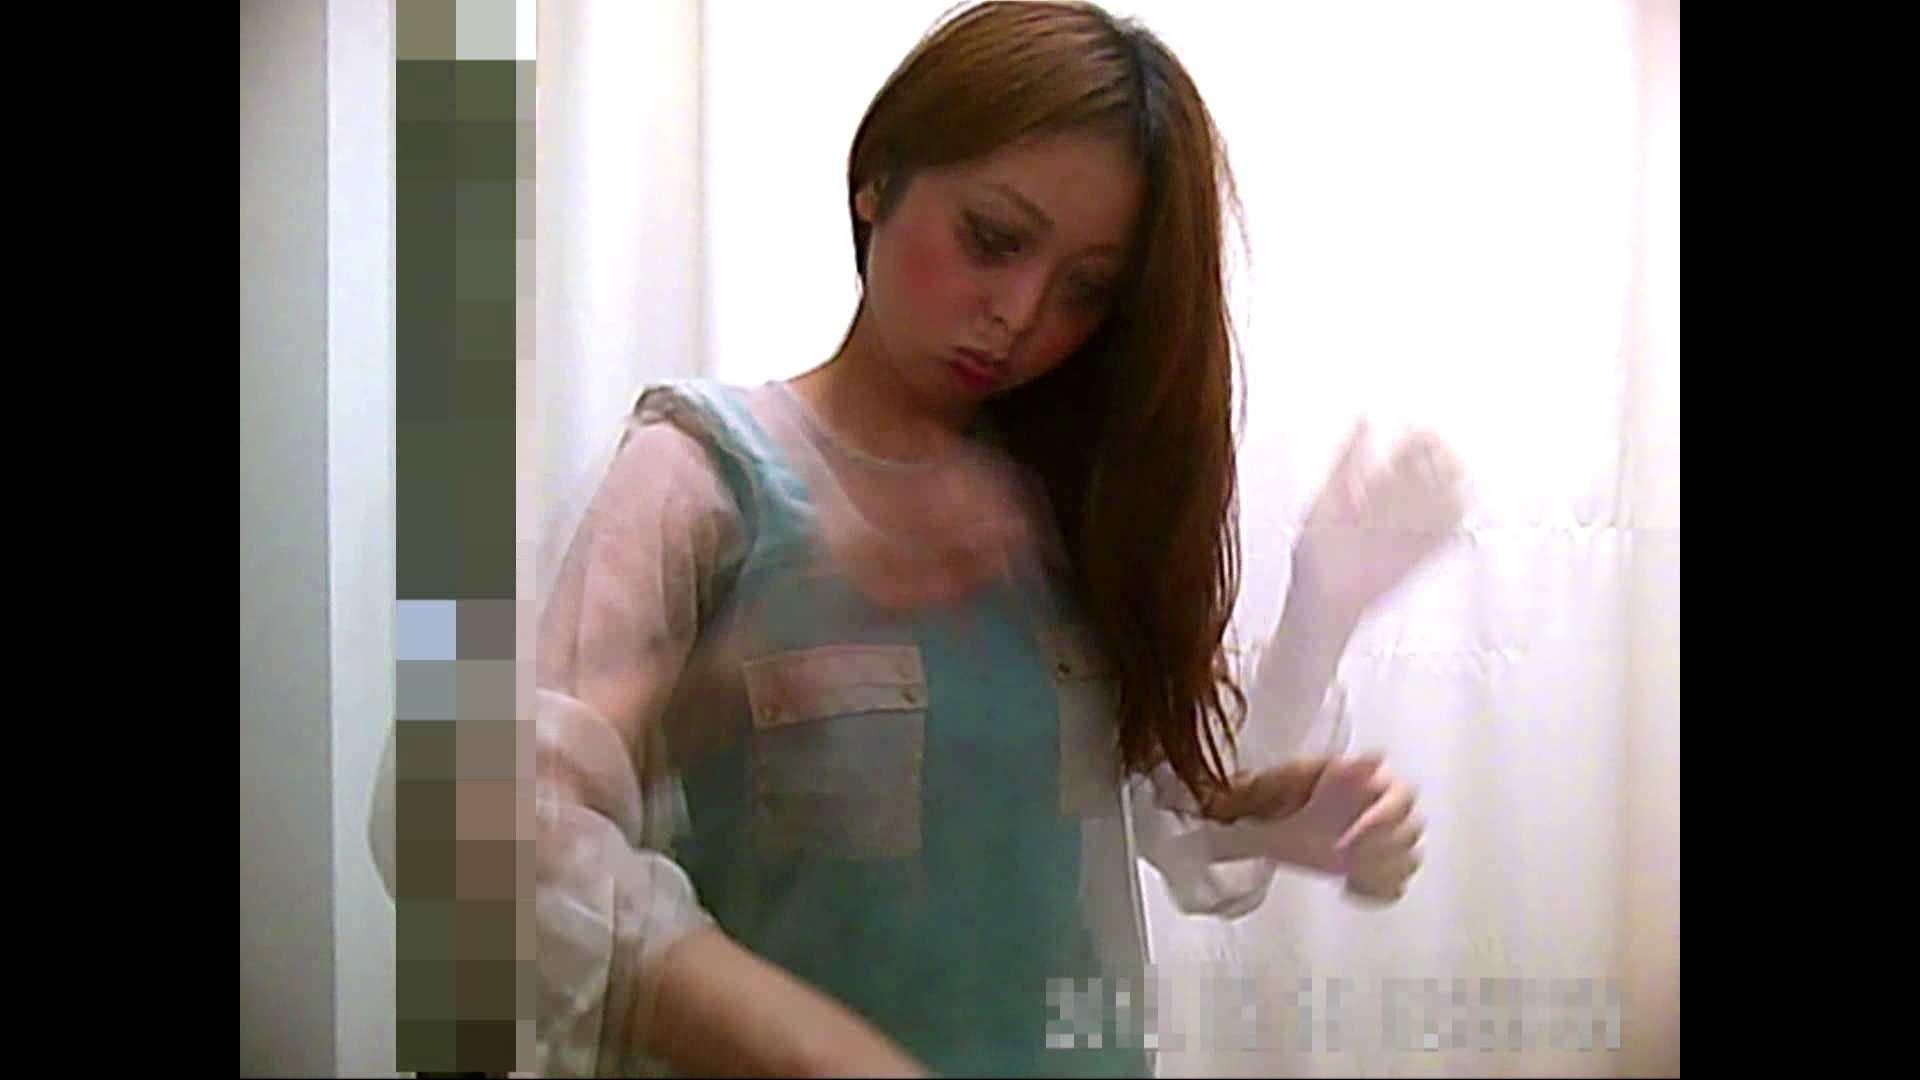 元医者による反抗 更衣室地獄絵巻 vol.053 エッチなお姉さん  49画像 12